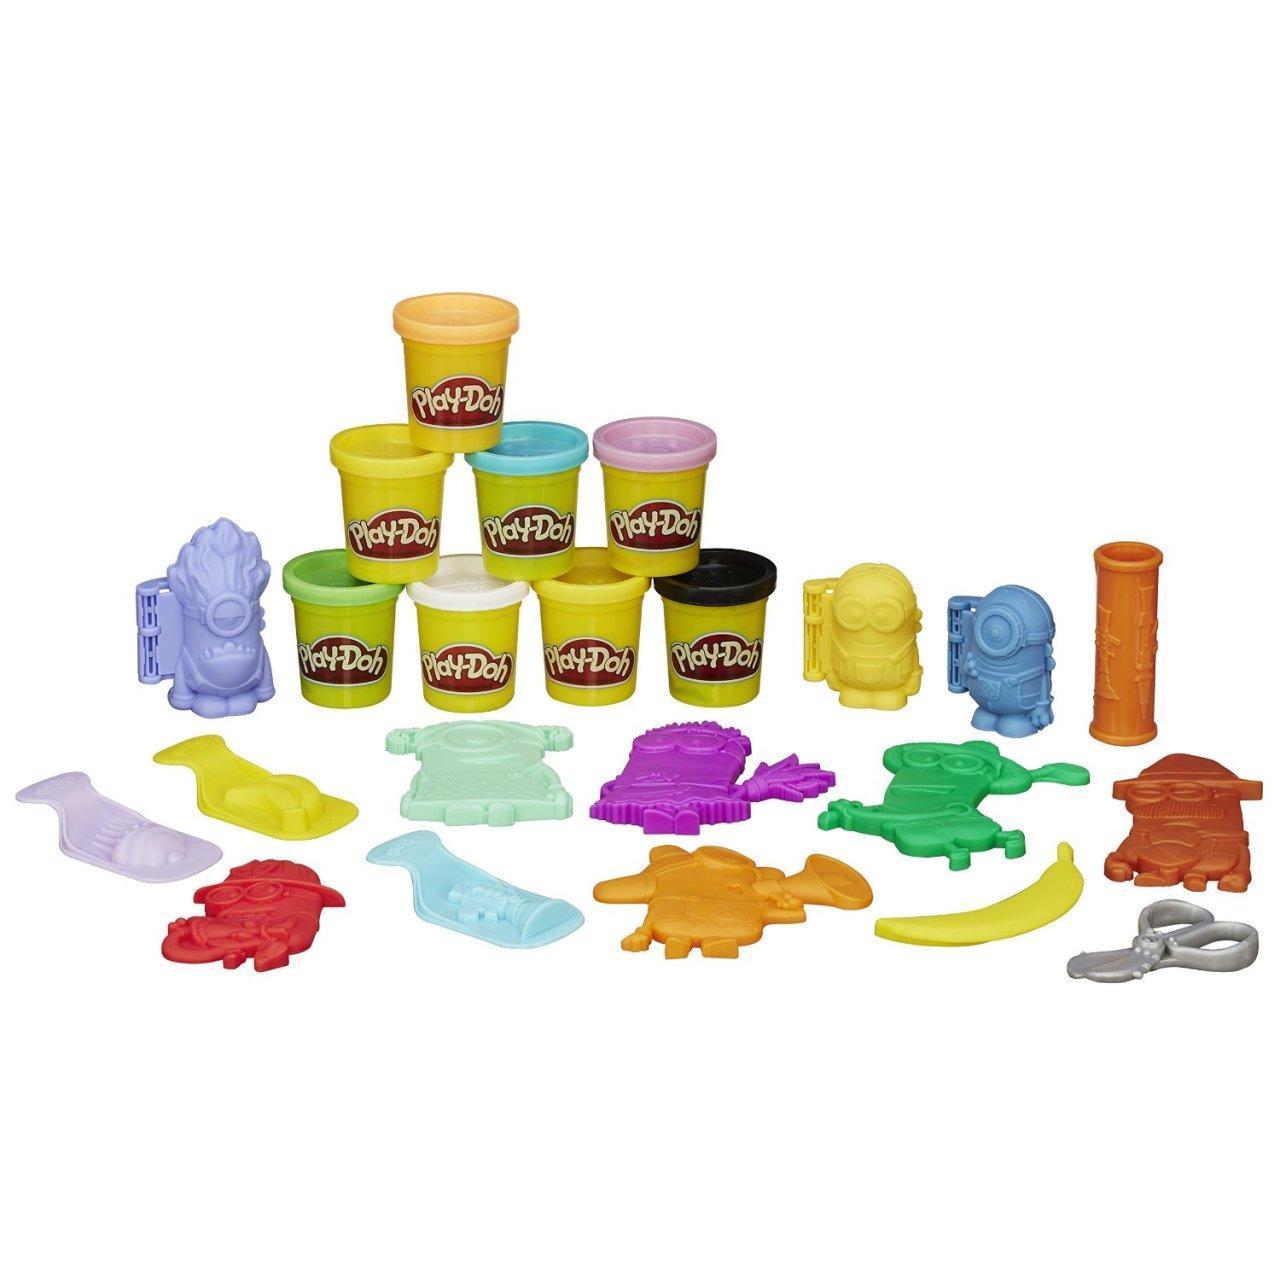 Игровой набор для творчества Переполох Миньонов - Minions, Despicable ME, Play-Doh, Hasbro - 143543, фото 2